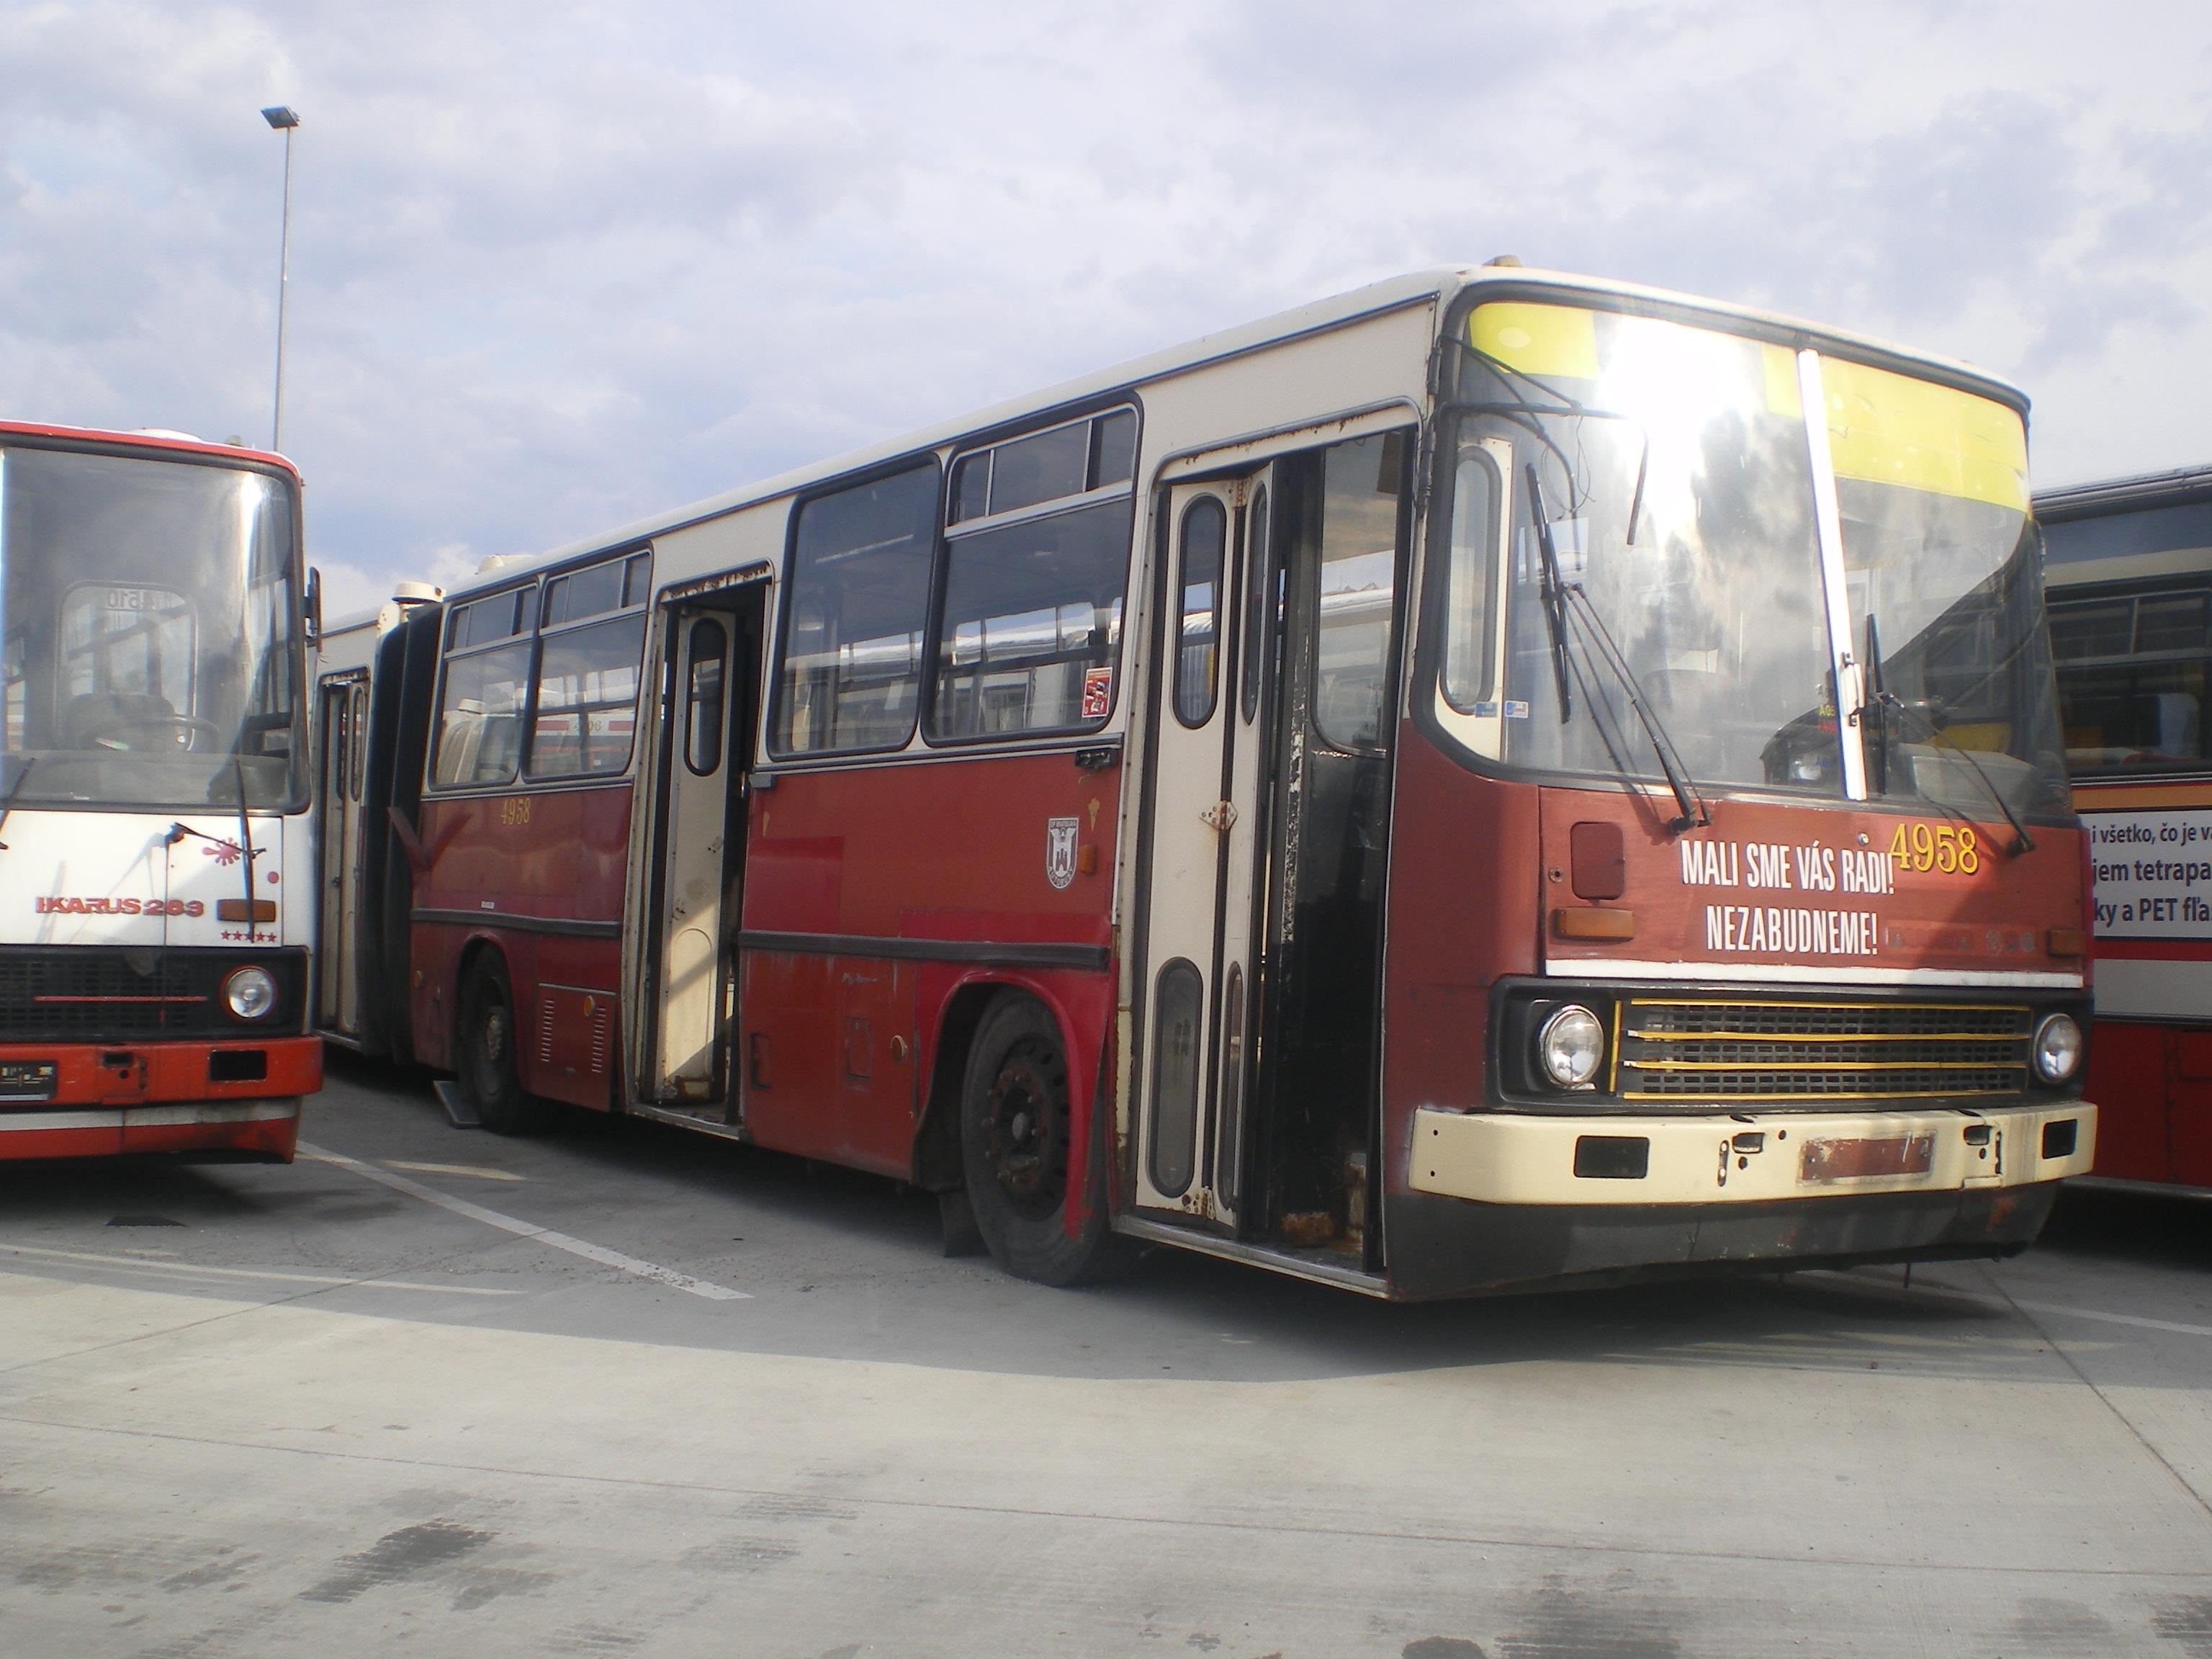 vrak #4958 vo Voz. Petržalka